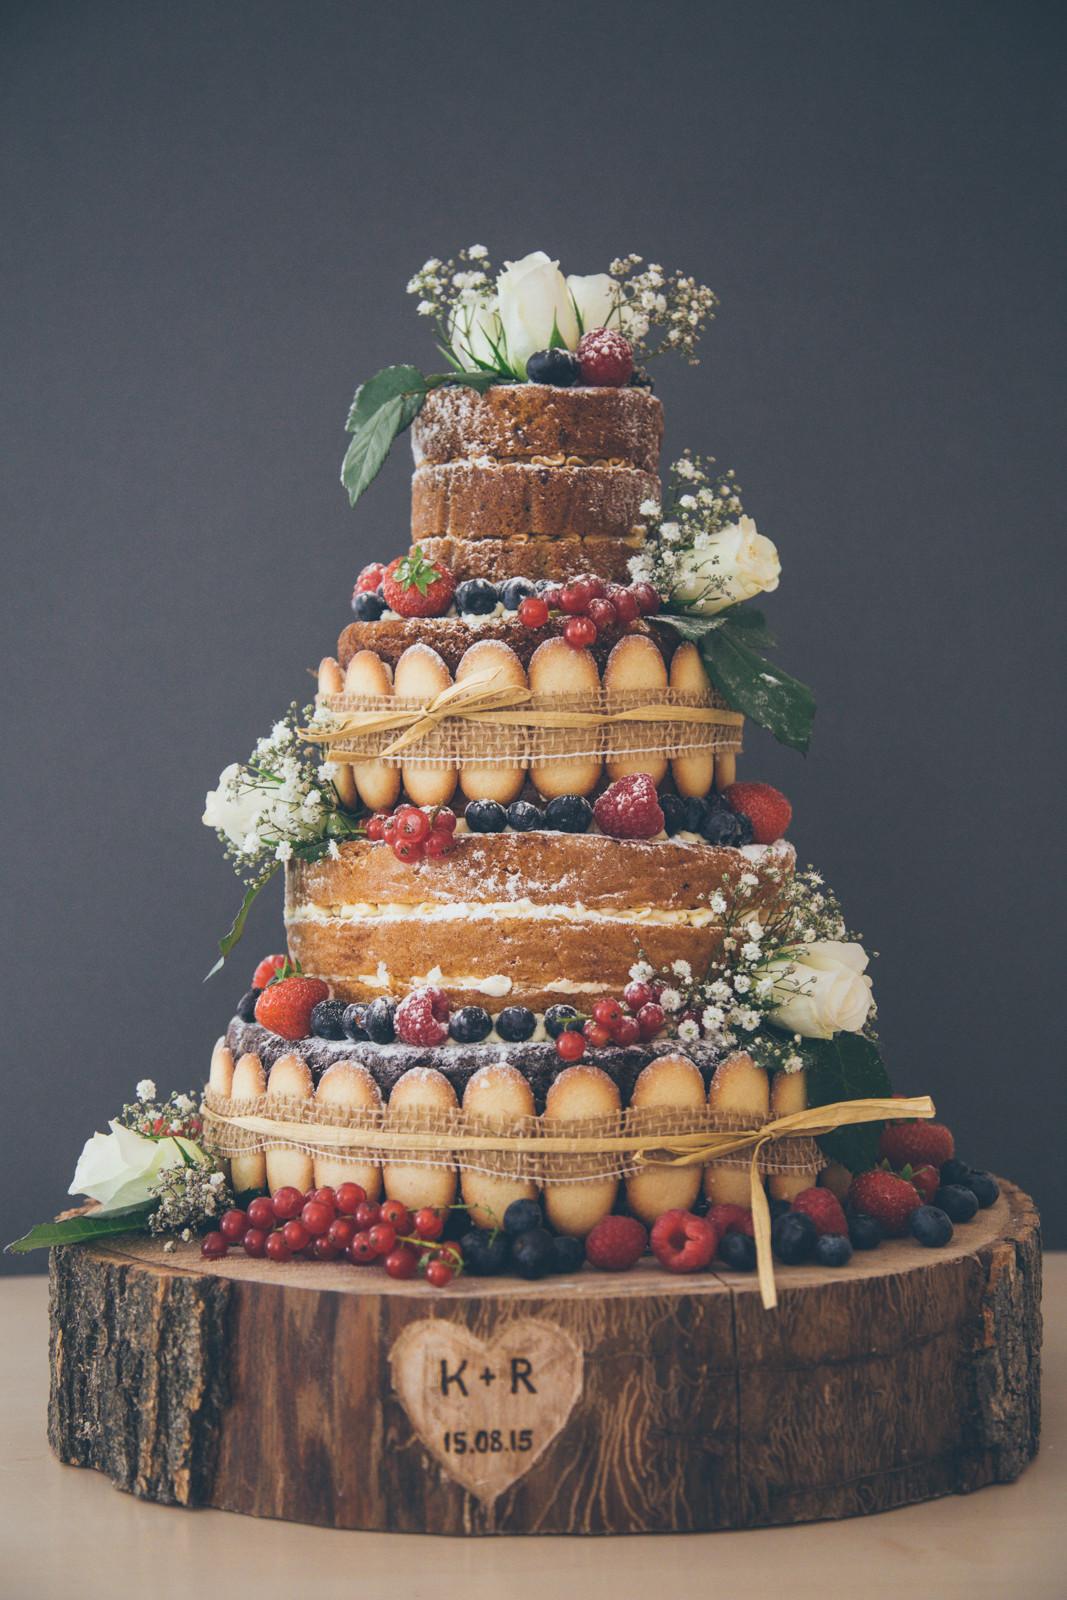 Bare Wedding Cakes  Six Naked Wedding Cake Ideas